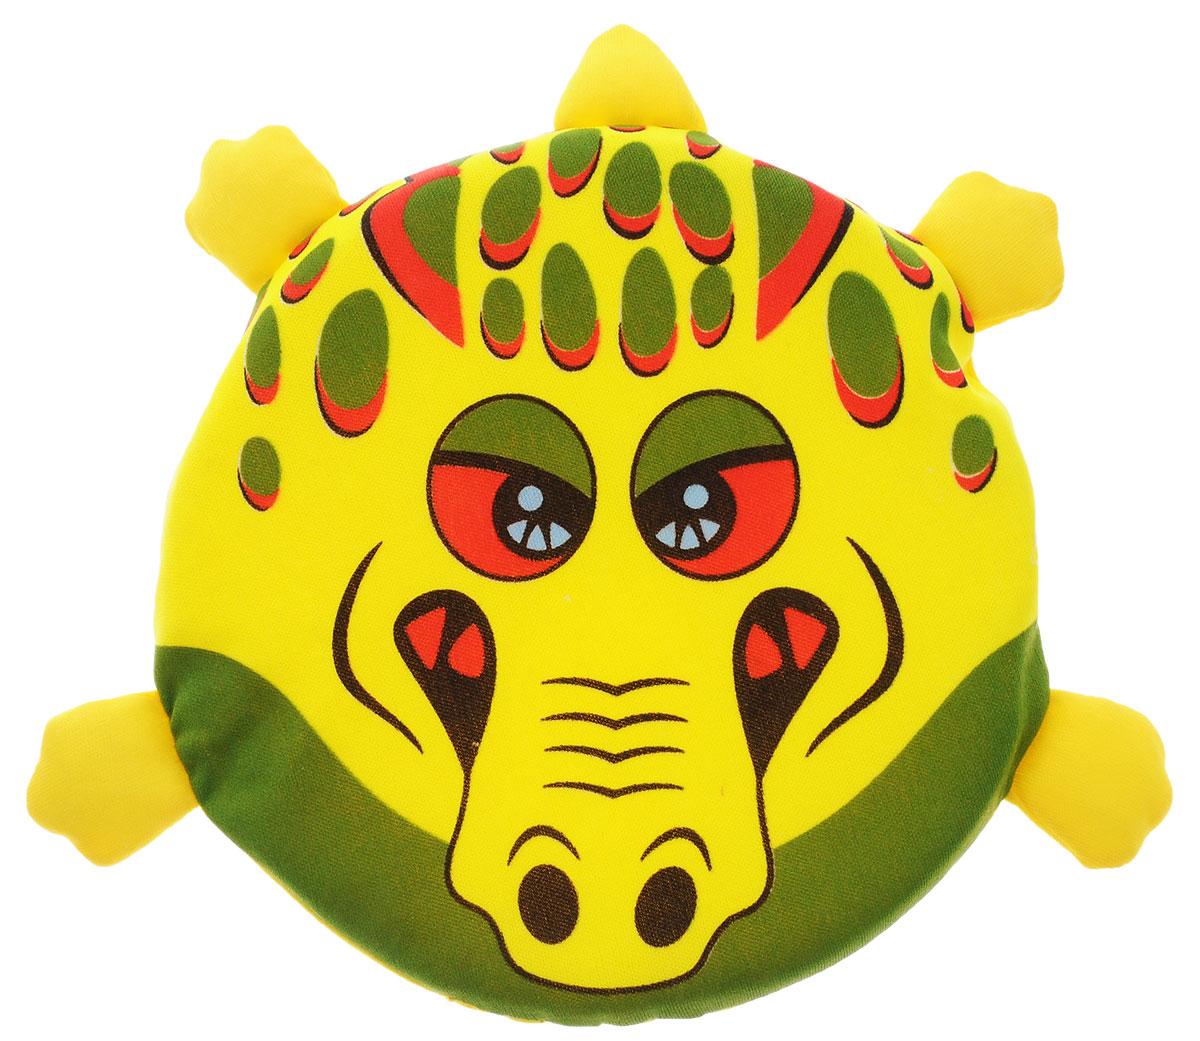 YG Sport Летающий диск Веселые животные КрокодилYG08QЛетающий диск YG Sport Веселые животные. Крокодил, выполненный из мягкого материала, предназначен для игры на свежем воздухе. Он поможет вам и вашему ребенку весело и с пользой для здоровья провести время. Летающий диск способен поднять настроение всем! Каждый ребенок будет рад такому яркому и спортивному подарку.